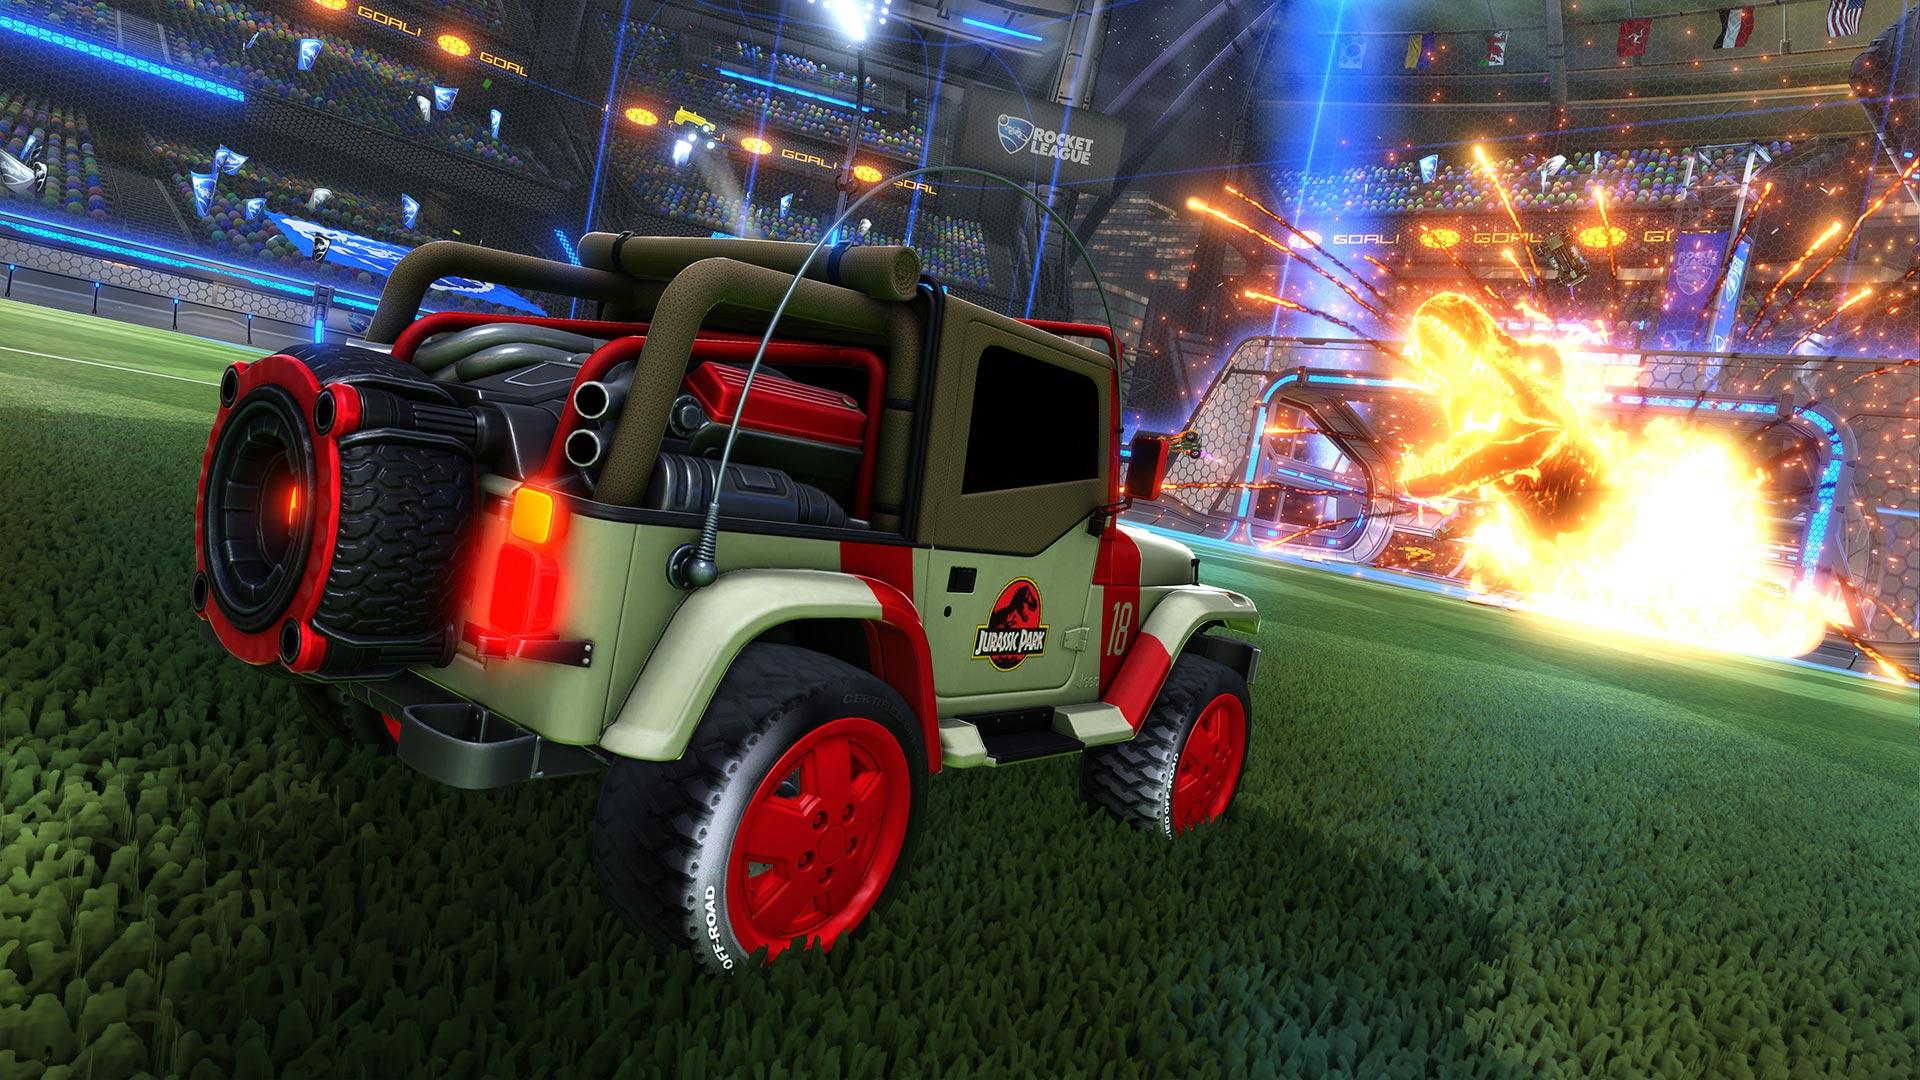 Rocket League Jurassic Park Jeep